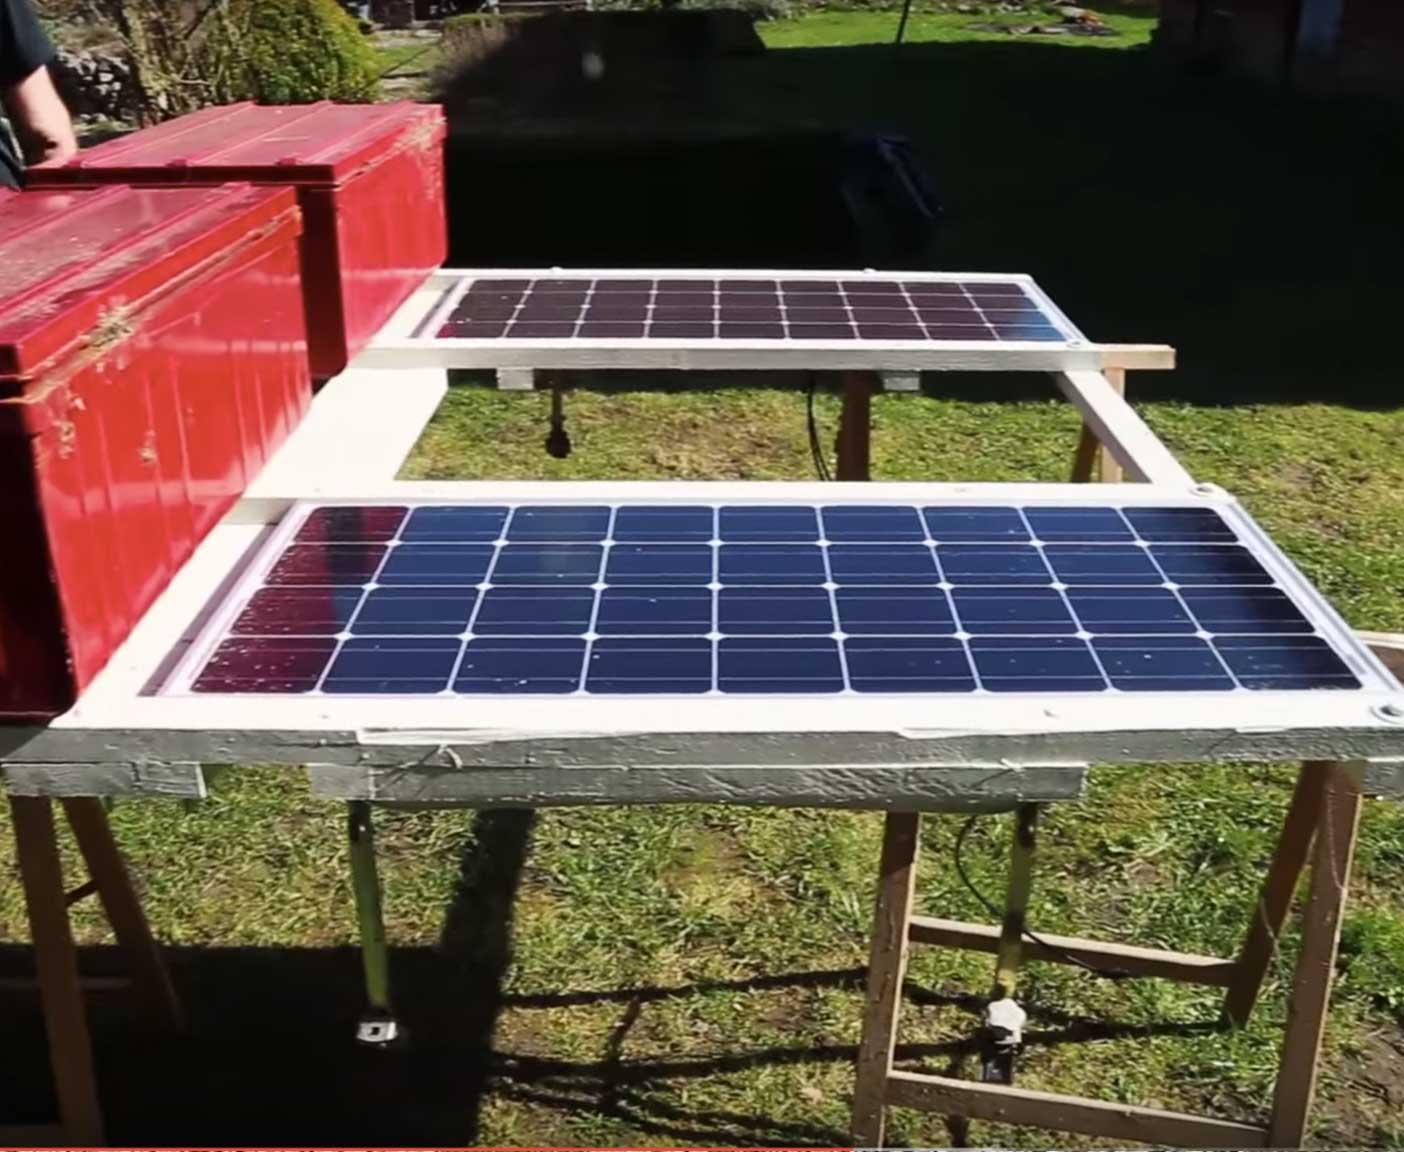 solaranlage-wohnmobil-nachrüsten-schaltplan-berechnen-inklusive-einbau-lomplettset-gebraucht-100w-selber-planen-mobile-einbau-solarpanels-5